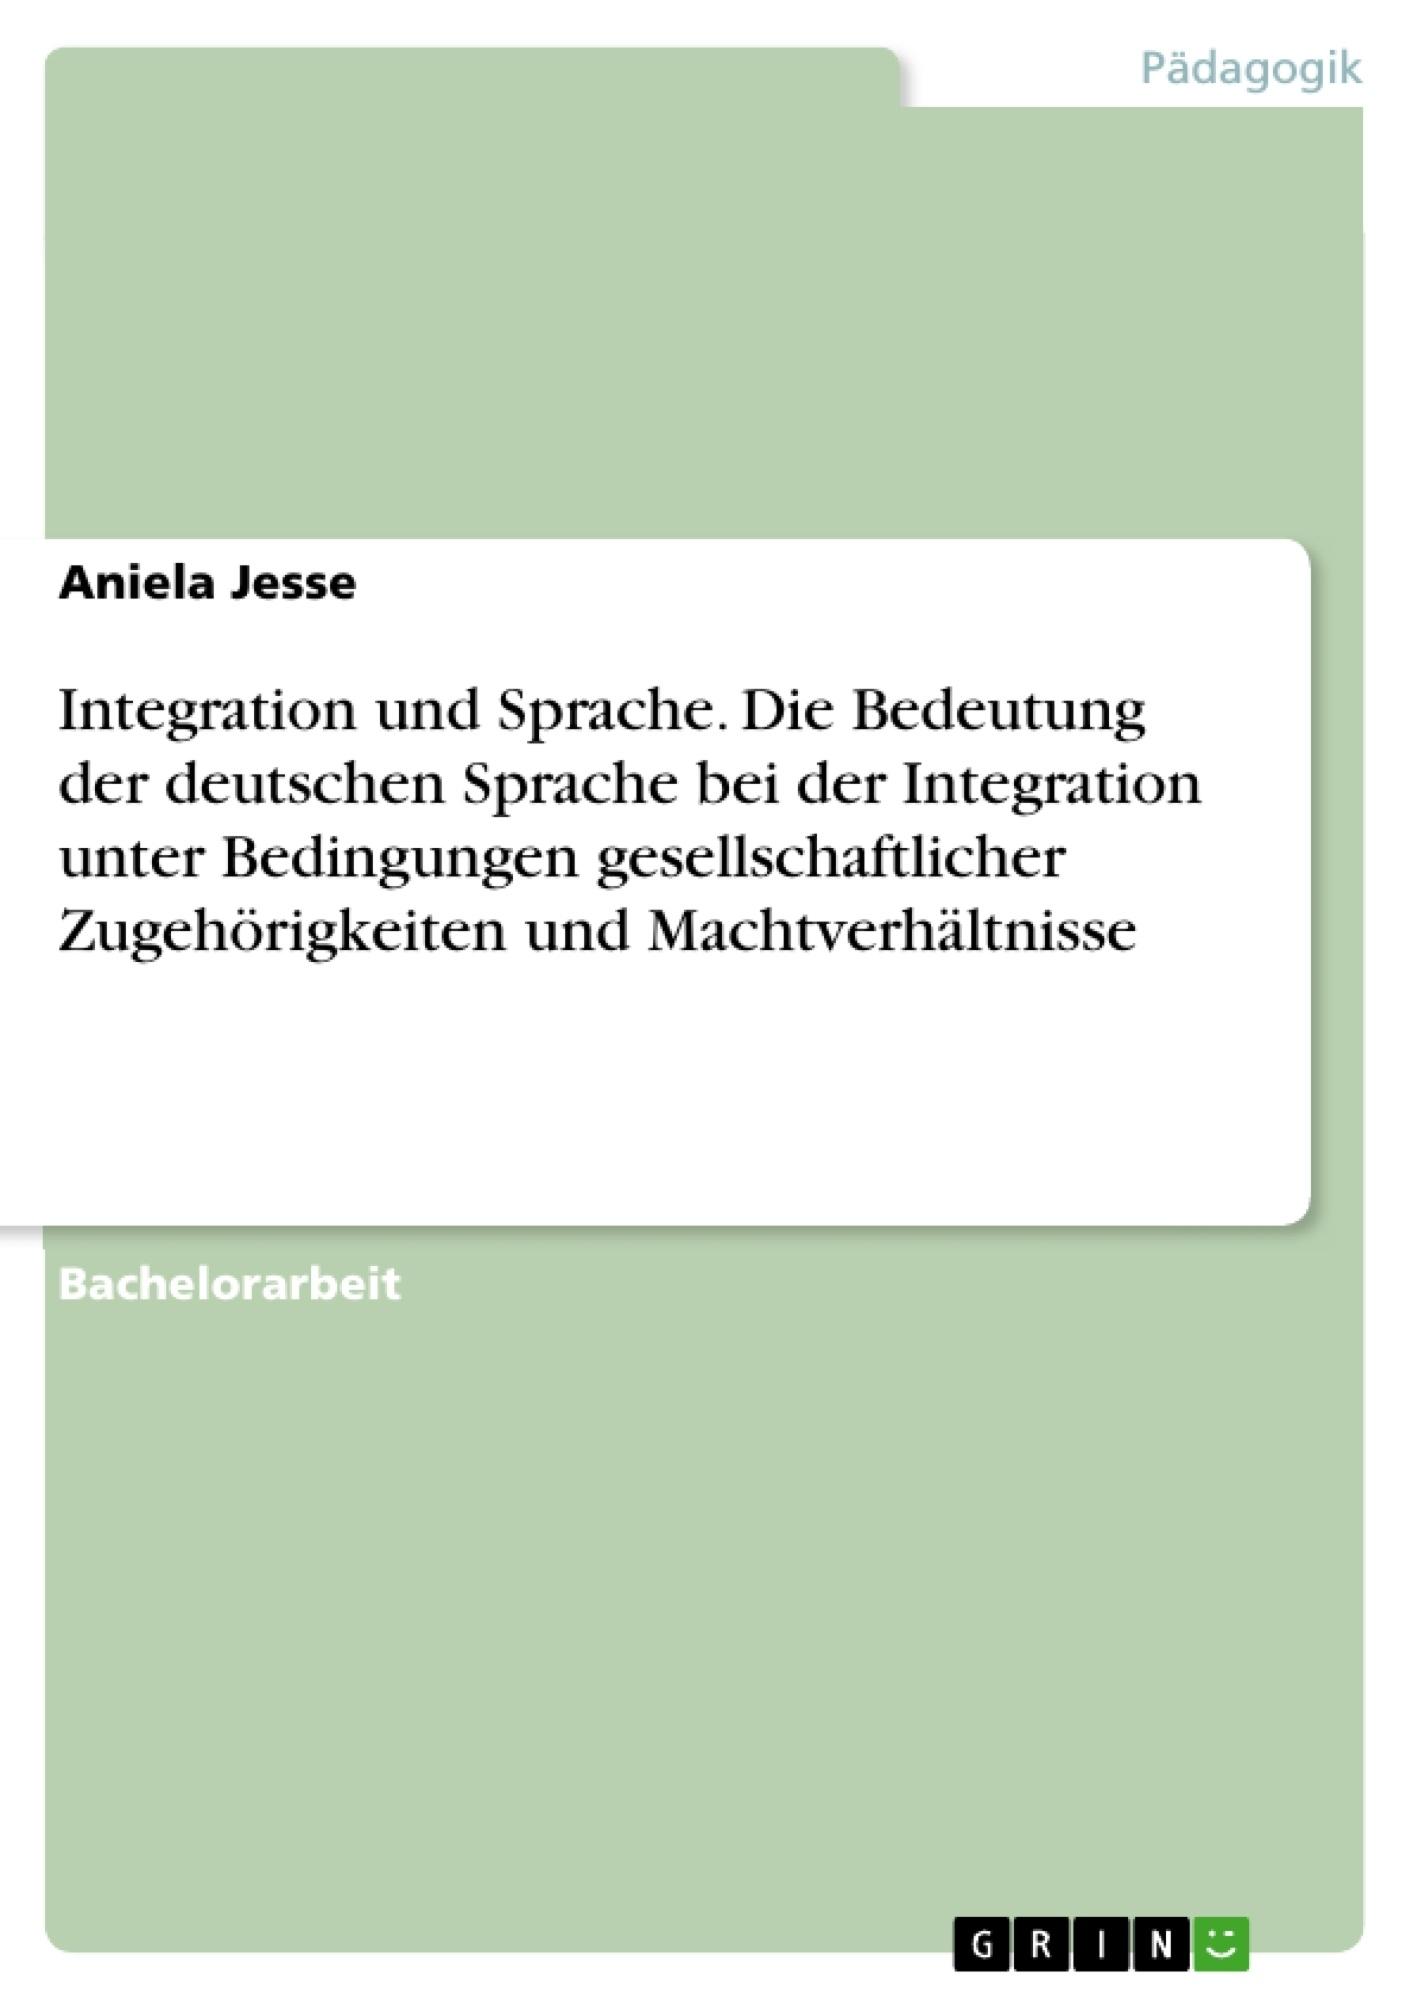 Titel: Integration und Sprache. Die Bedeutung der deutschen Sprache bei der Integration unter Bedingungen gesellschaftlicher Zugehörigkeiten und Machtverhältnisse